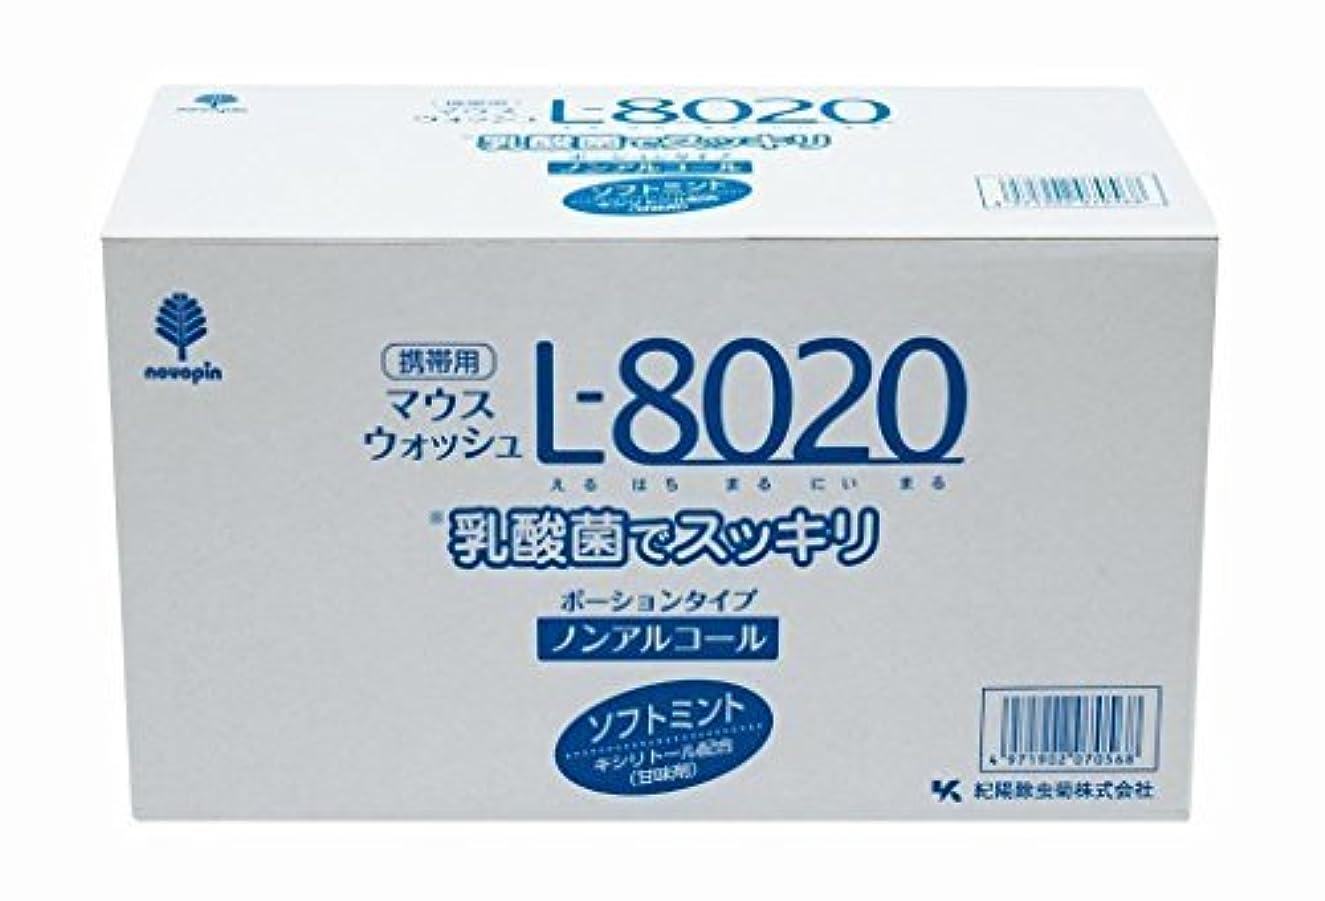 軽減する協力的パリティクチュッペL-8020ソフトミントポーションタイプ100個入(ノンアルコール) 【まとめ買い10個セット】 K-7056 日本製 Japan